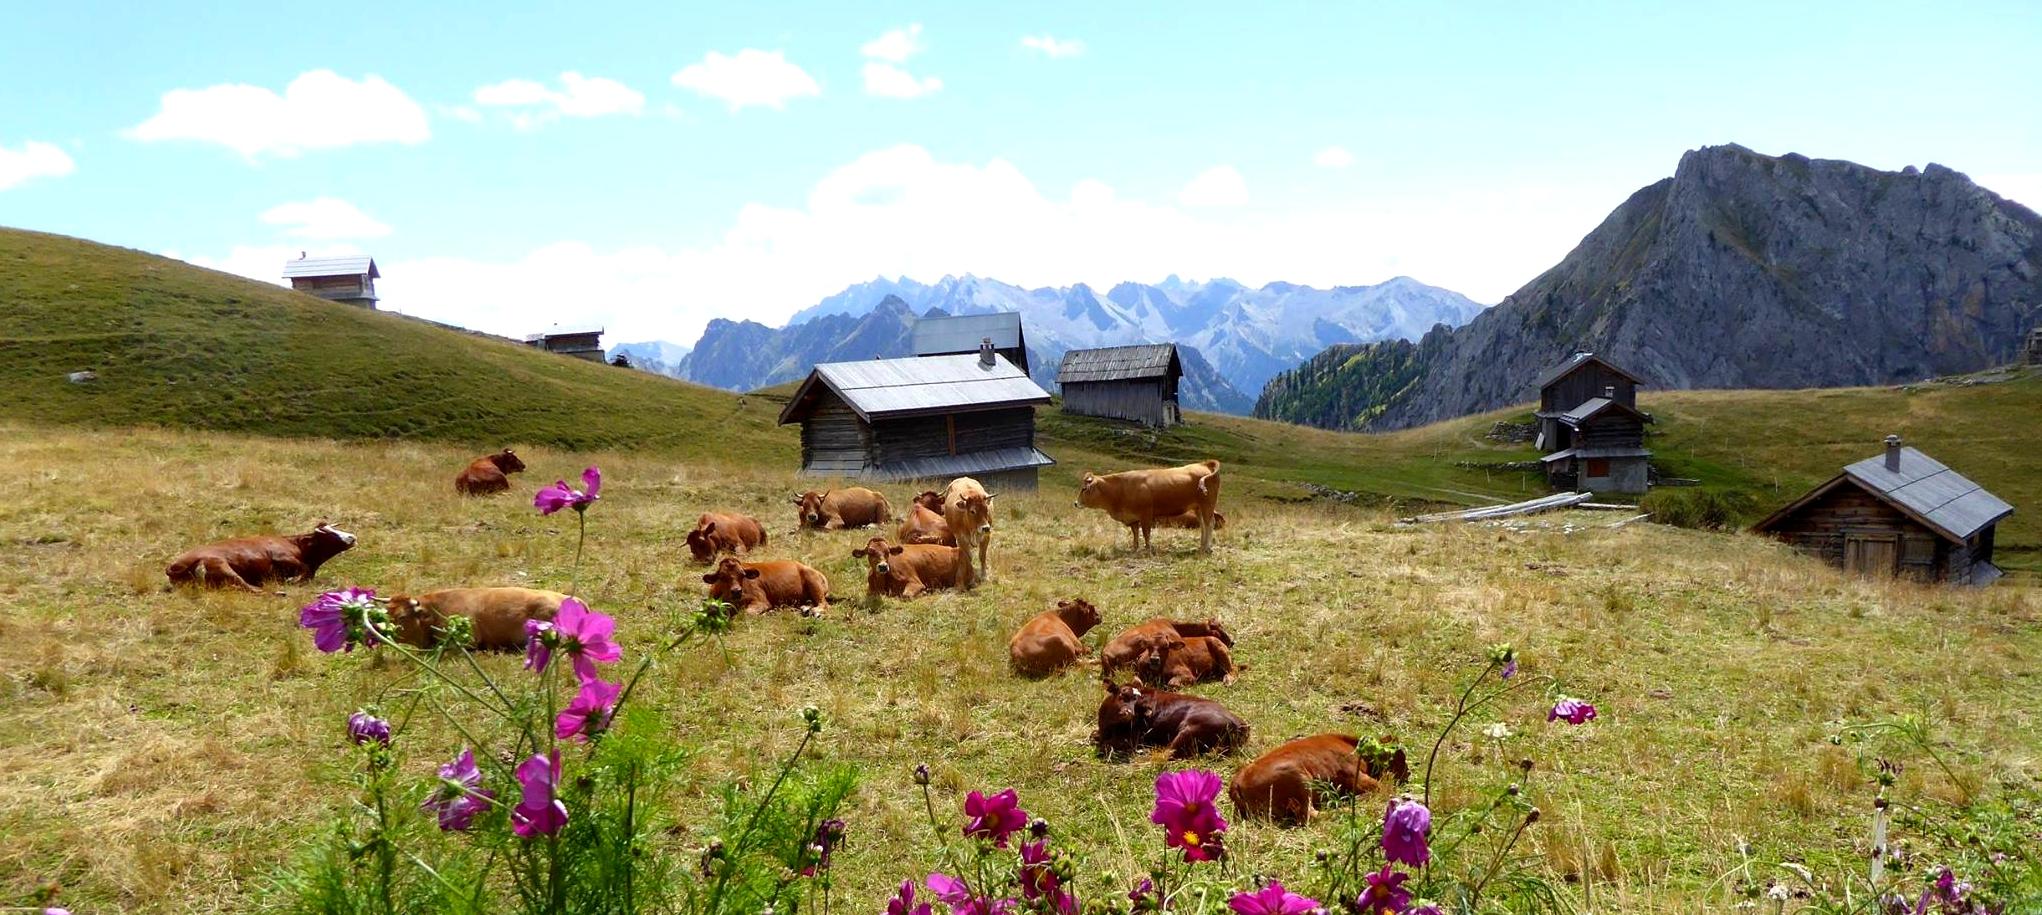 femmes-montagne-ete-detente-randonnee-bien_etre-decouverte-hautes-alpes-faune-flore-alpage-prairies-chalets